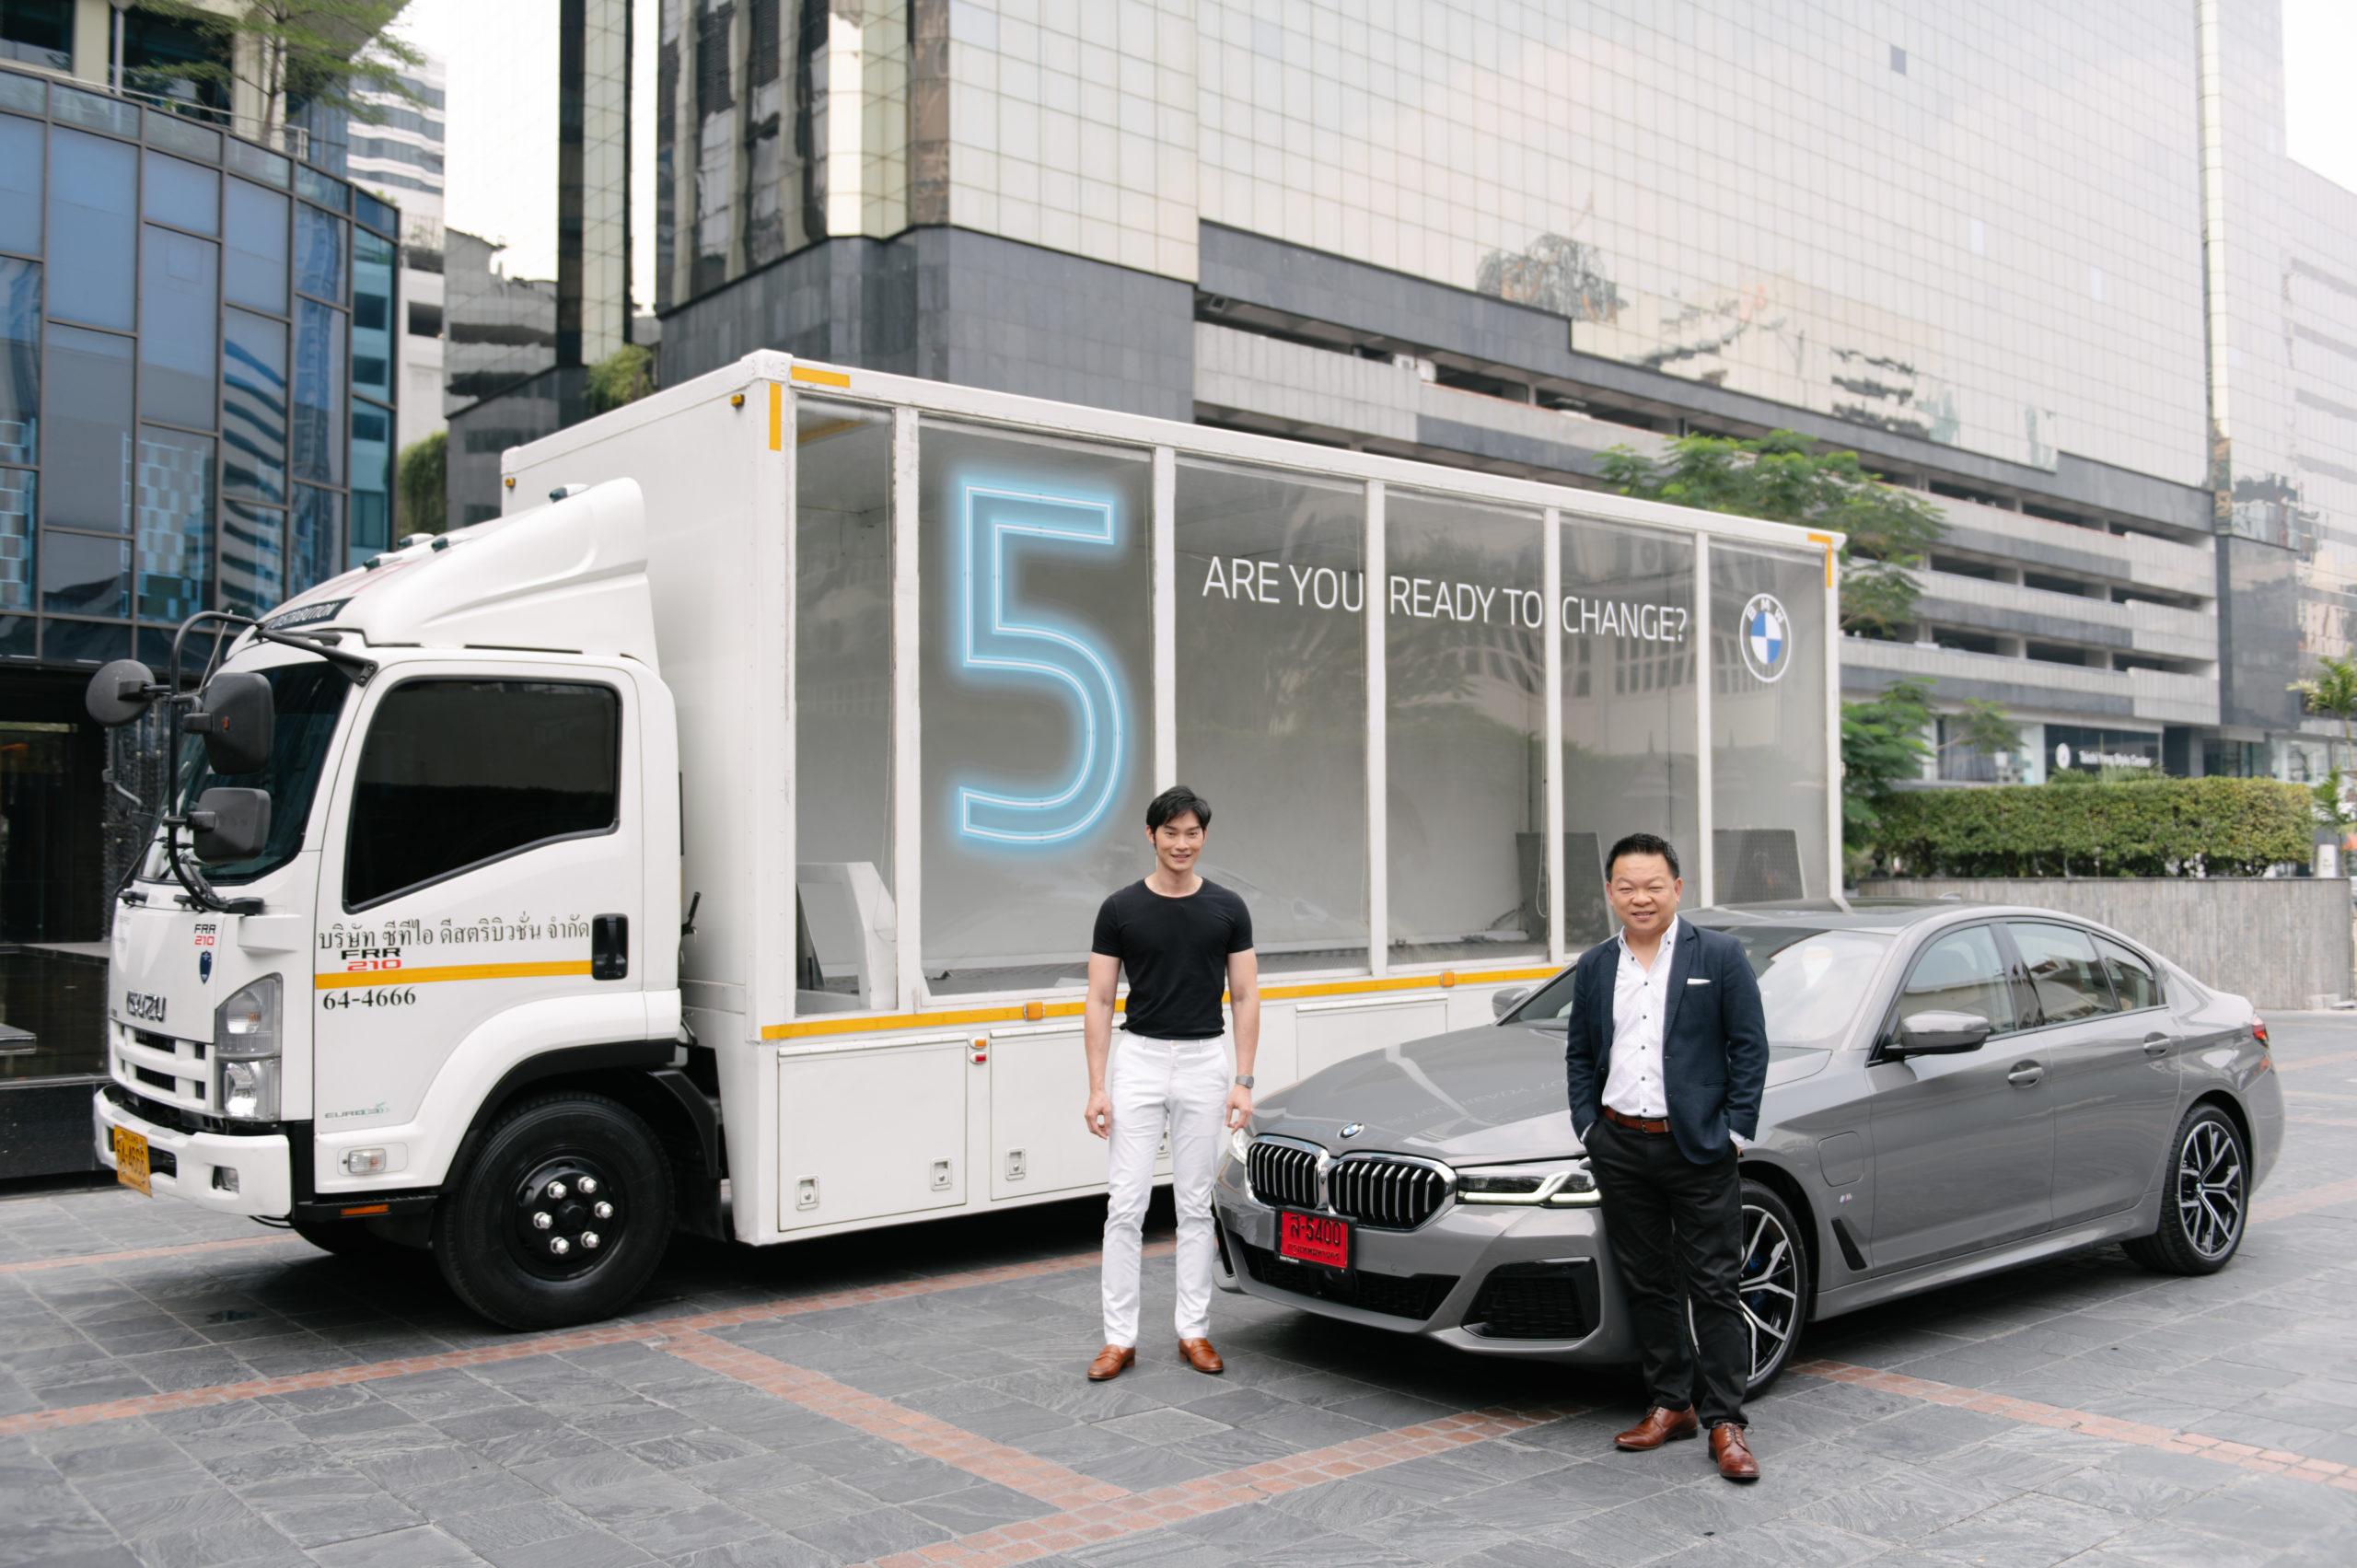 'คุณจิมมี่-ปรีชา นินาทเกียรติกุล' ผู้อำนวยการฝ่ายการตลาด บีเอ็มดับเบิลยู ประเทศไทย ส่งมอบรถยนต์ The New BMW 5 Series ด้วยตนเองให้กับ 'คุณโอ็ต-พิทักษ์ สภาธรรม'